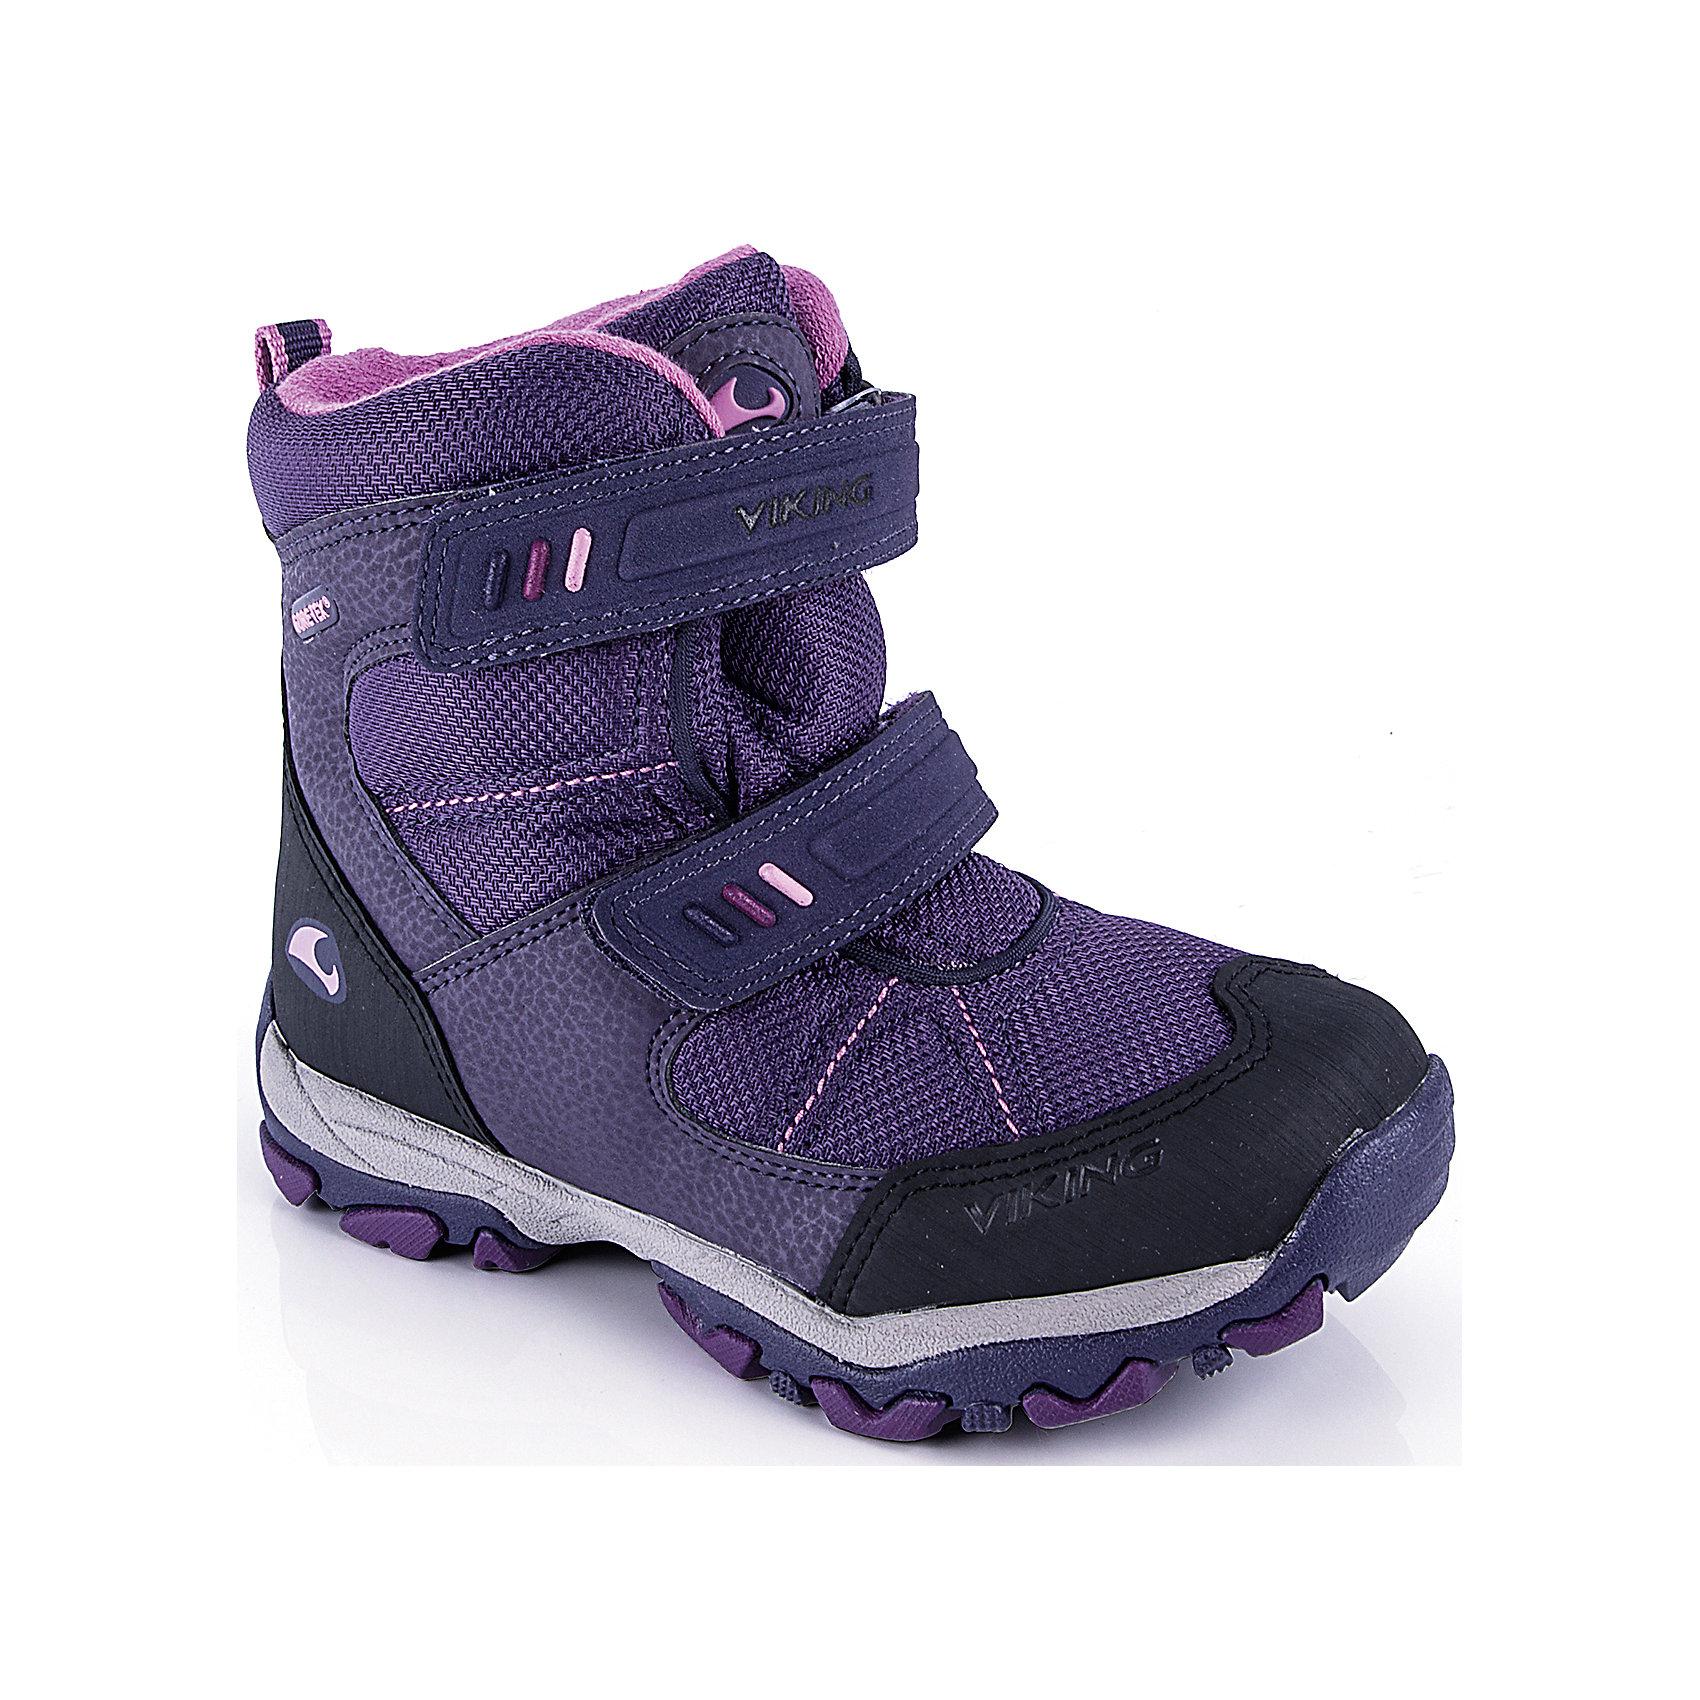 Ботинки для девочки VIKINGОчень лёгкие ботинки для очень холодного времени года. Мембрана GORE-TEX® с шерстяной вставкой отлично сохраняет тепло, не пропуская влагу. Благодаря удобной системе липучек обувь можно легко и быстро одеть в любых условиях. Незамерзающая резиновая подошва обеспечит удобство движения при любой температуре и отличное сцепление с самой скользкой поверхностью. В этой обуви находиться на улице зимой - одно удовольствие!<br>Состав: Материал верха: 60% текстиль, 40% искусственная кожа<br>Материал подклада: мембранная подкладка GORE-TEX<br><br>Ширина мм: 262<br>Глубина мм: 176<br>Высота мм: 97<br>Вес г: 427<br>Цвет: фиолетовый<br>Возраст от месяцев: 132<br>Возраст до месяцев: 144<br>Пол: Женский<br>Возраст: Детский<br>Размер: 35,34,30,28,31,33,32,29<br>SKU: 4279137